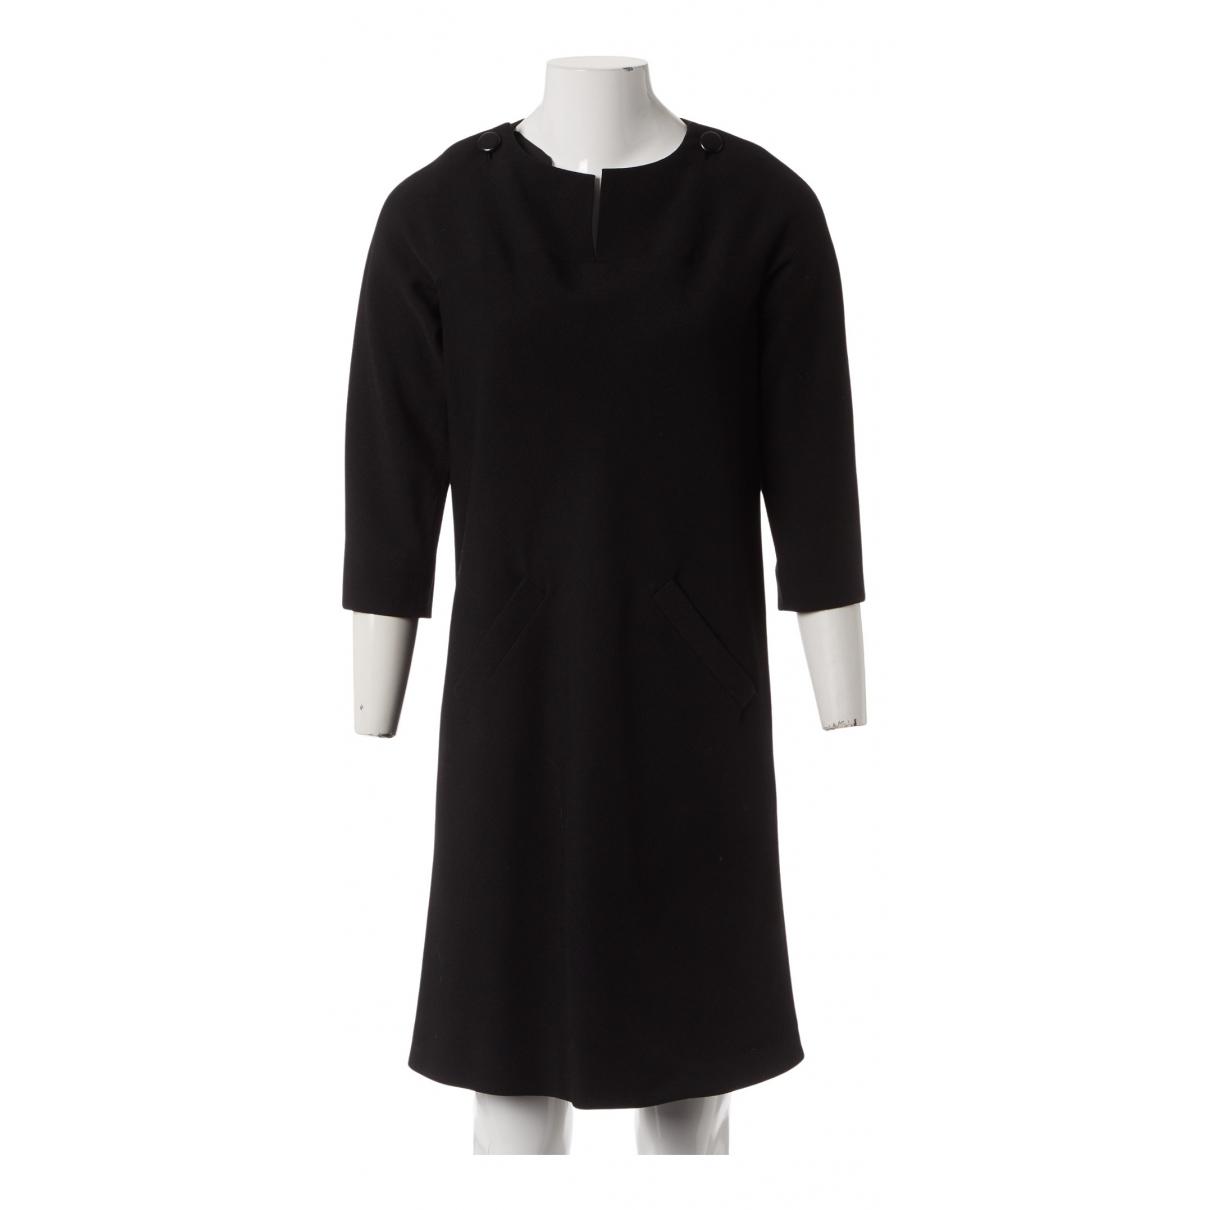 Balenciaga N Black Wool dress for Women 36 FR